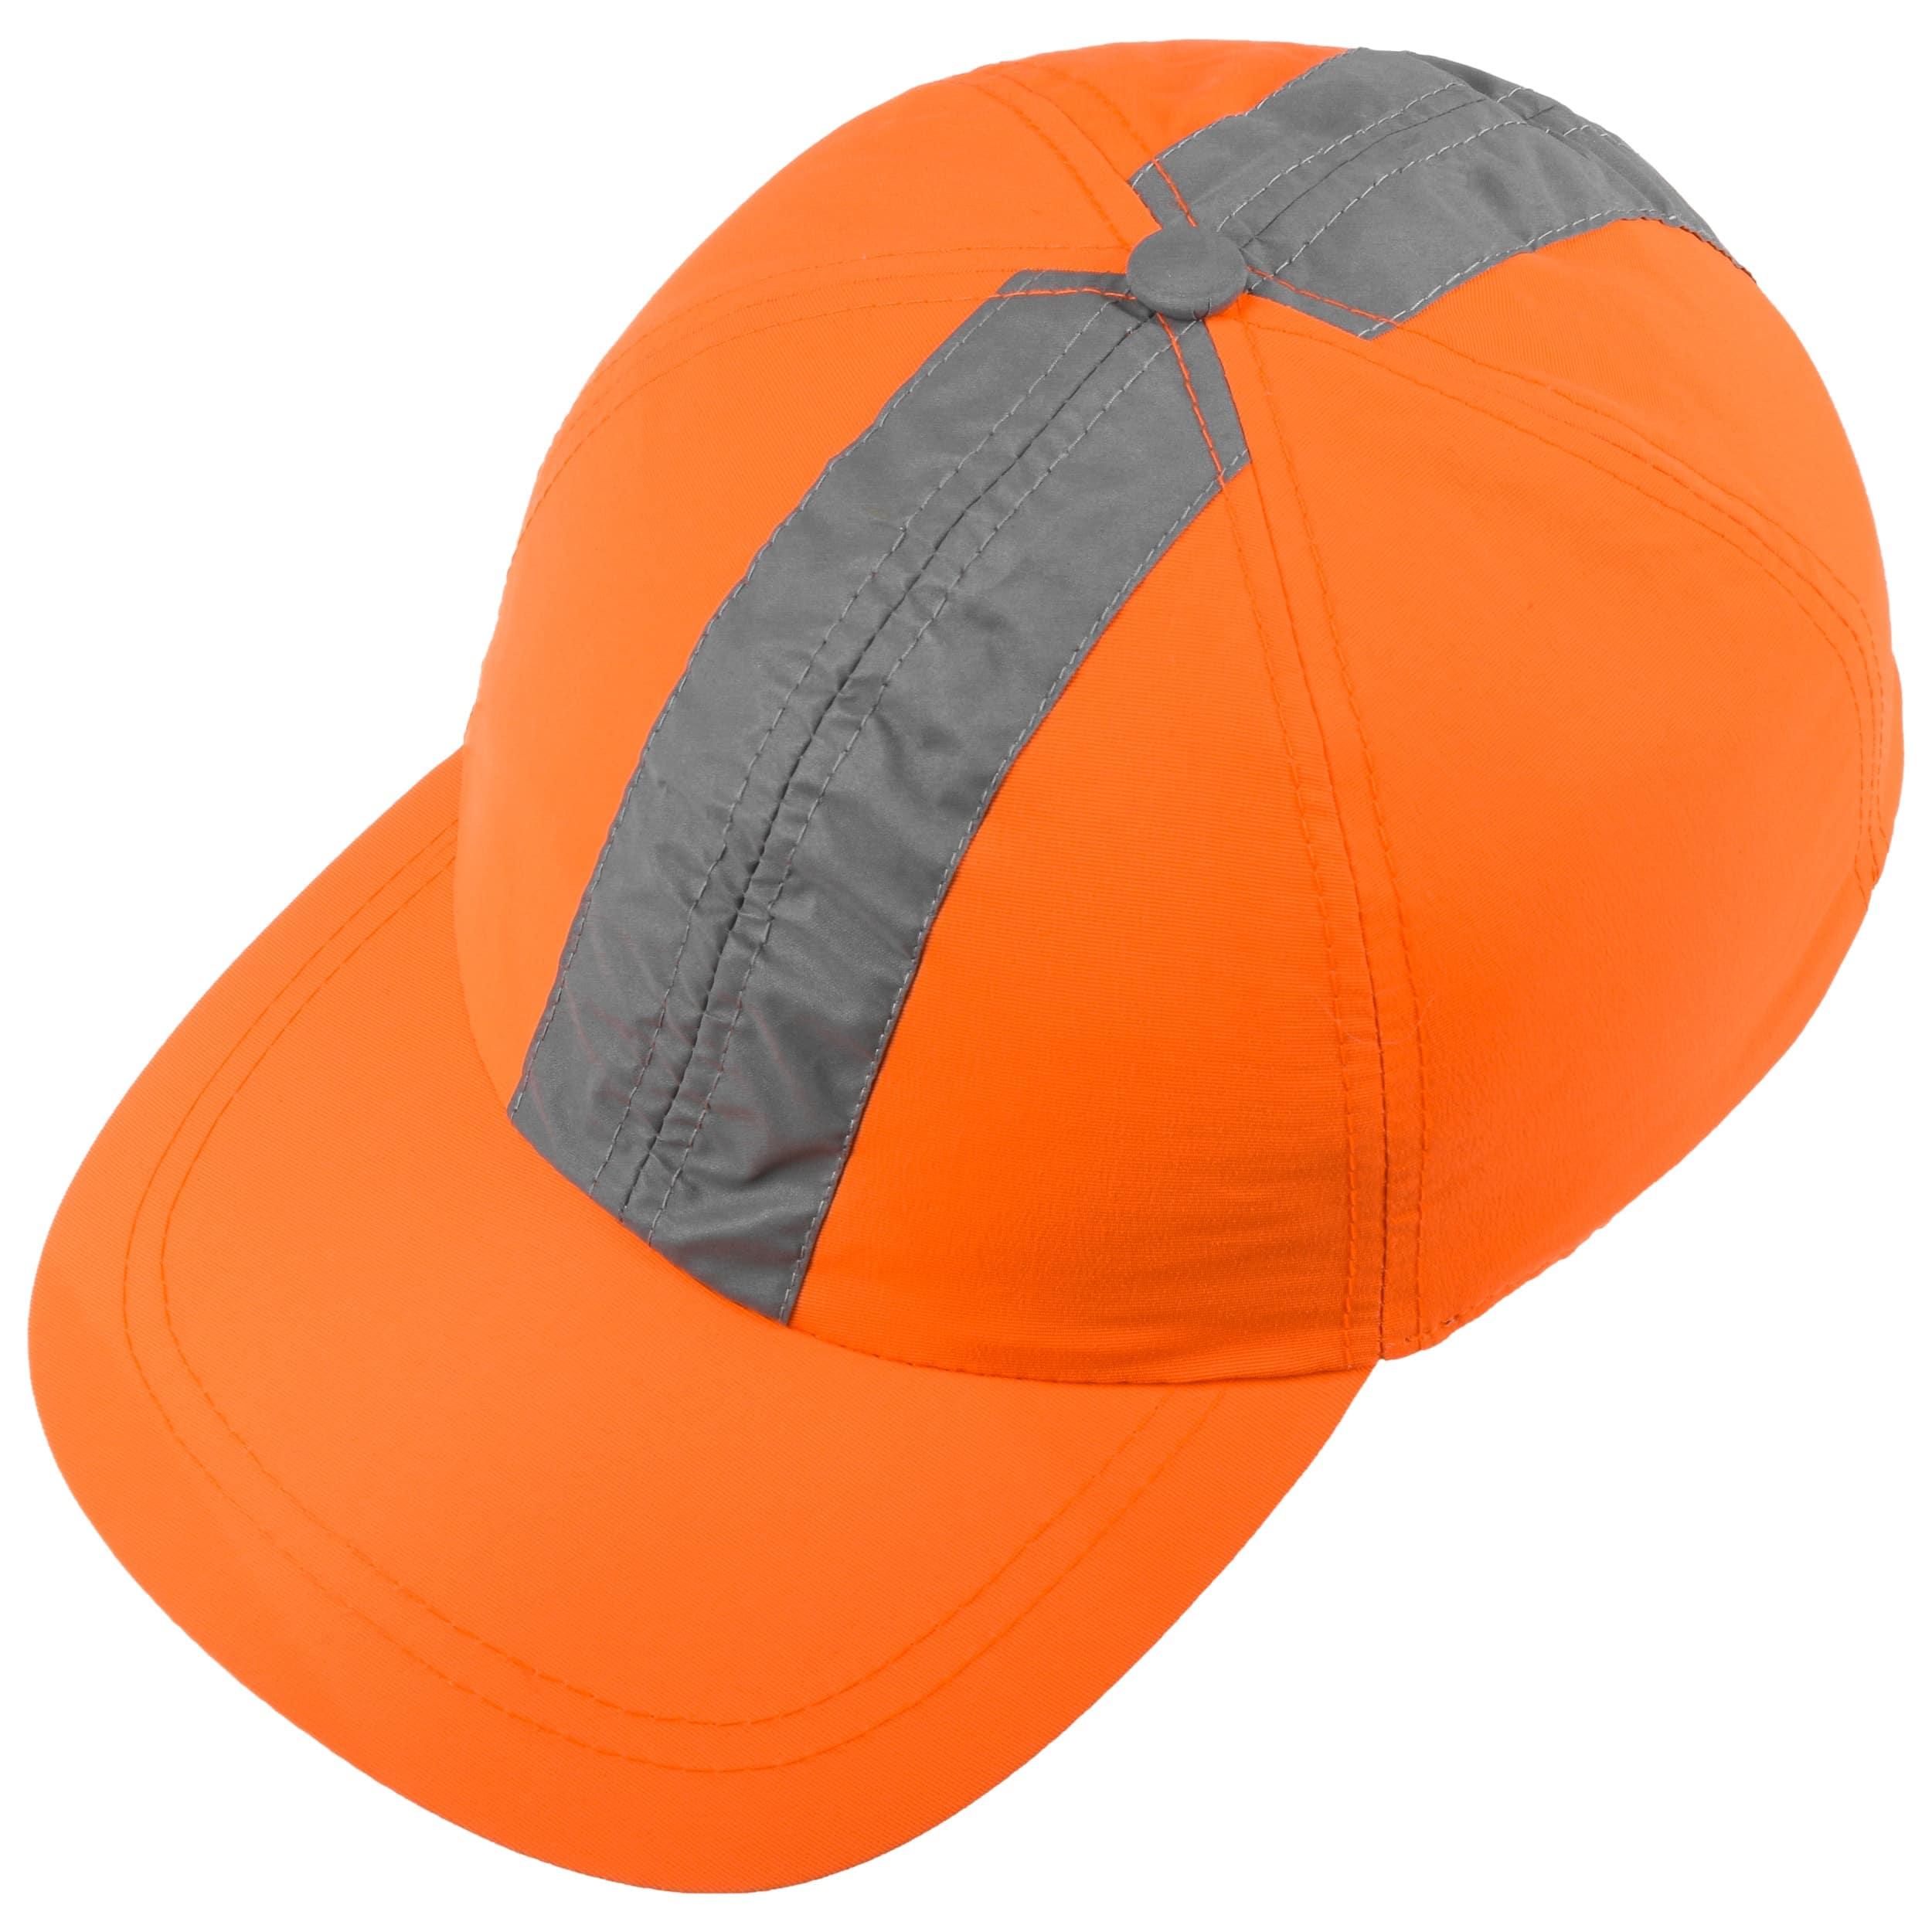 ... Cappellino Riflettente Paraorecchie by Lipodo - arancia neon 1 ... ae362727bd37